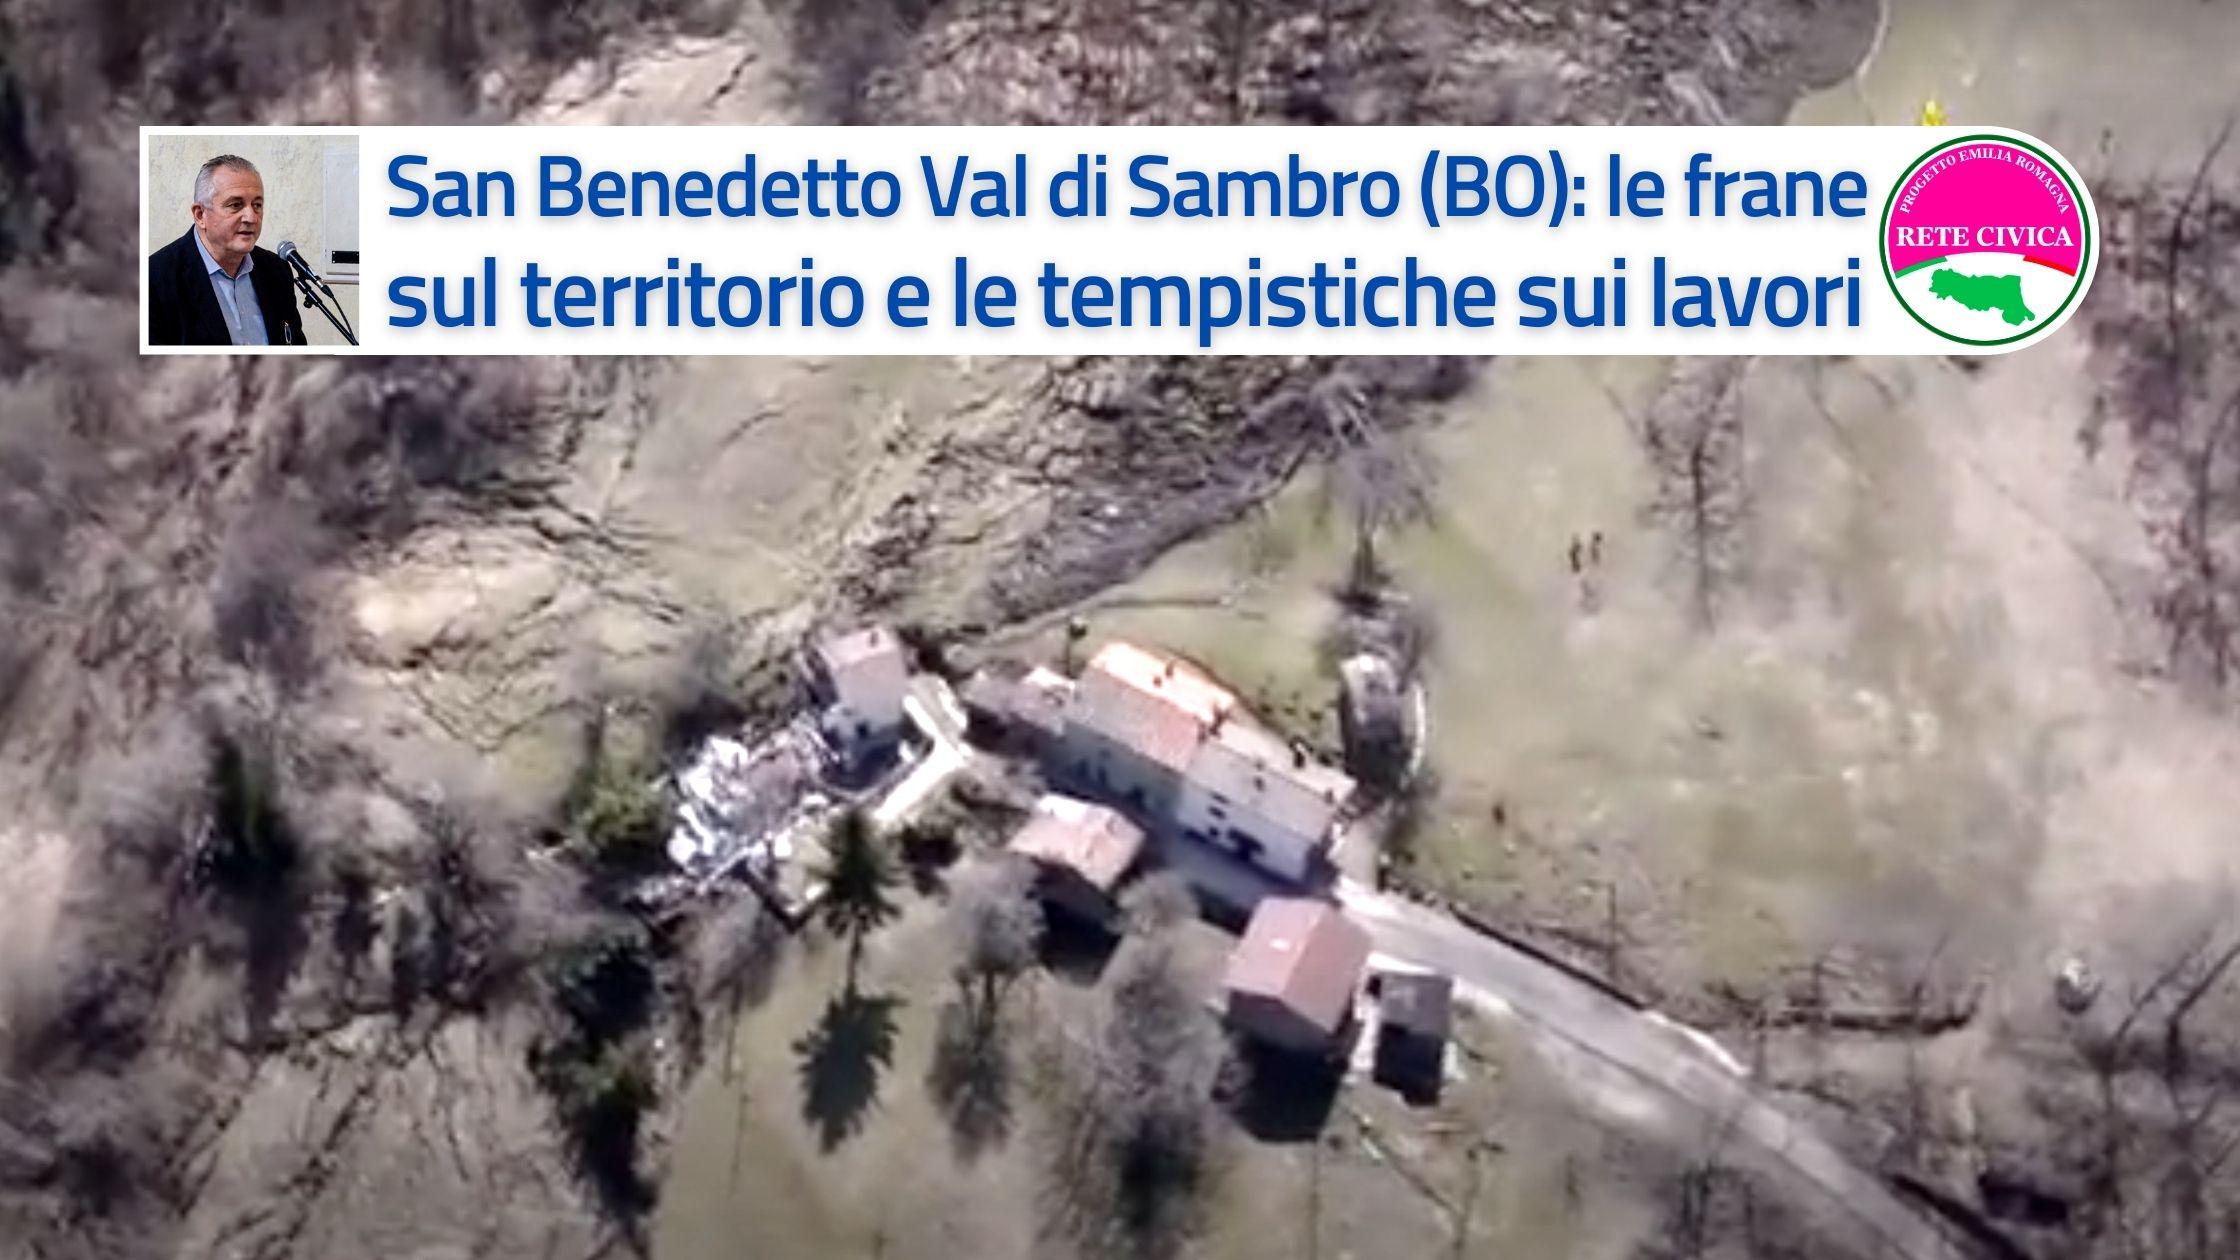 Frana di San Benedetto - Marco Mastacchi - Lavori